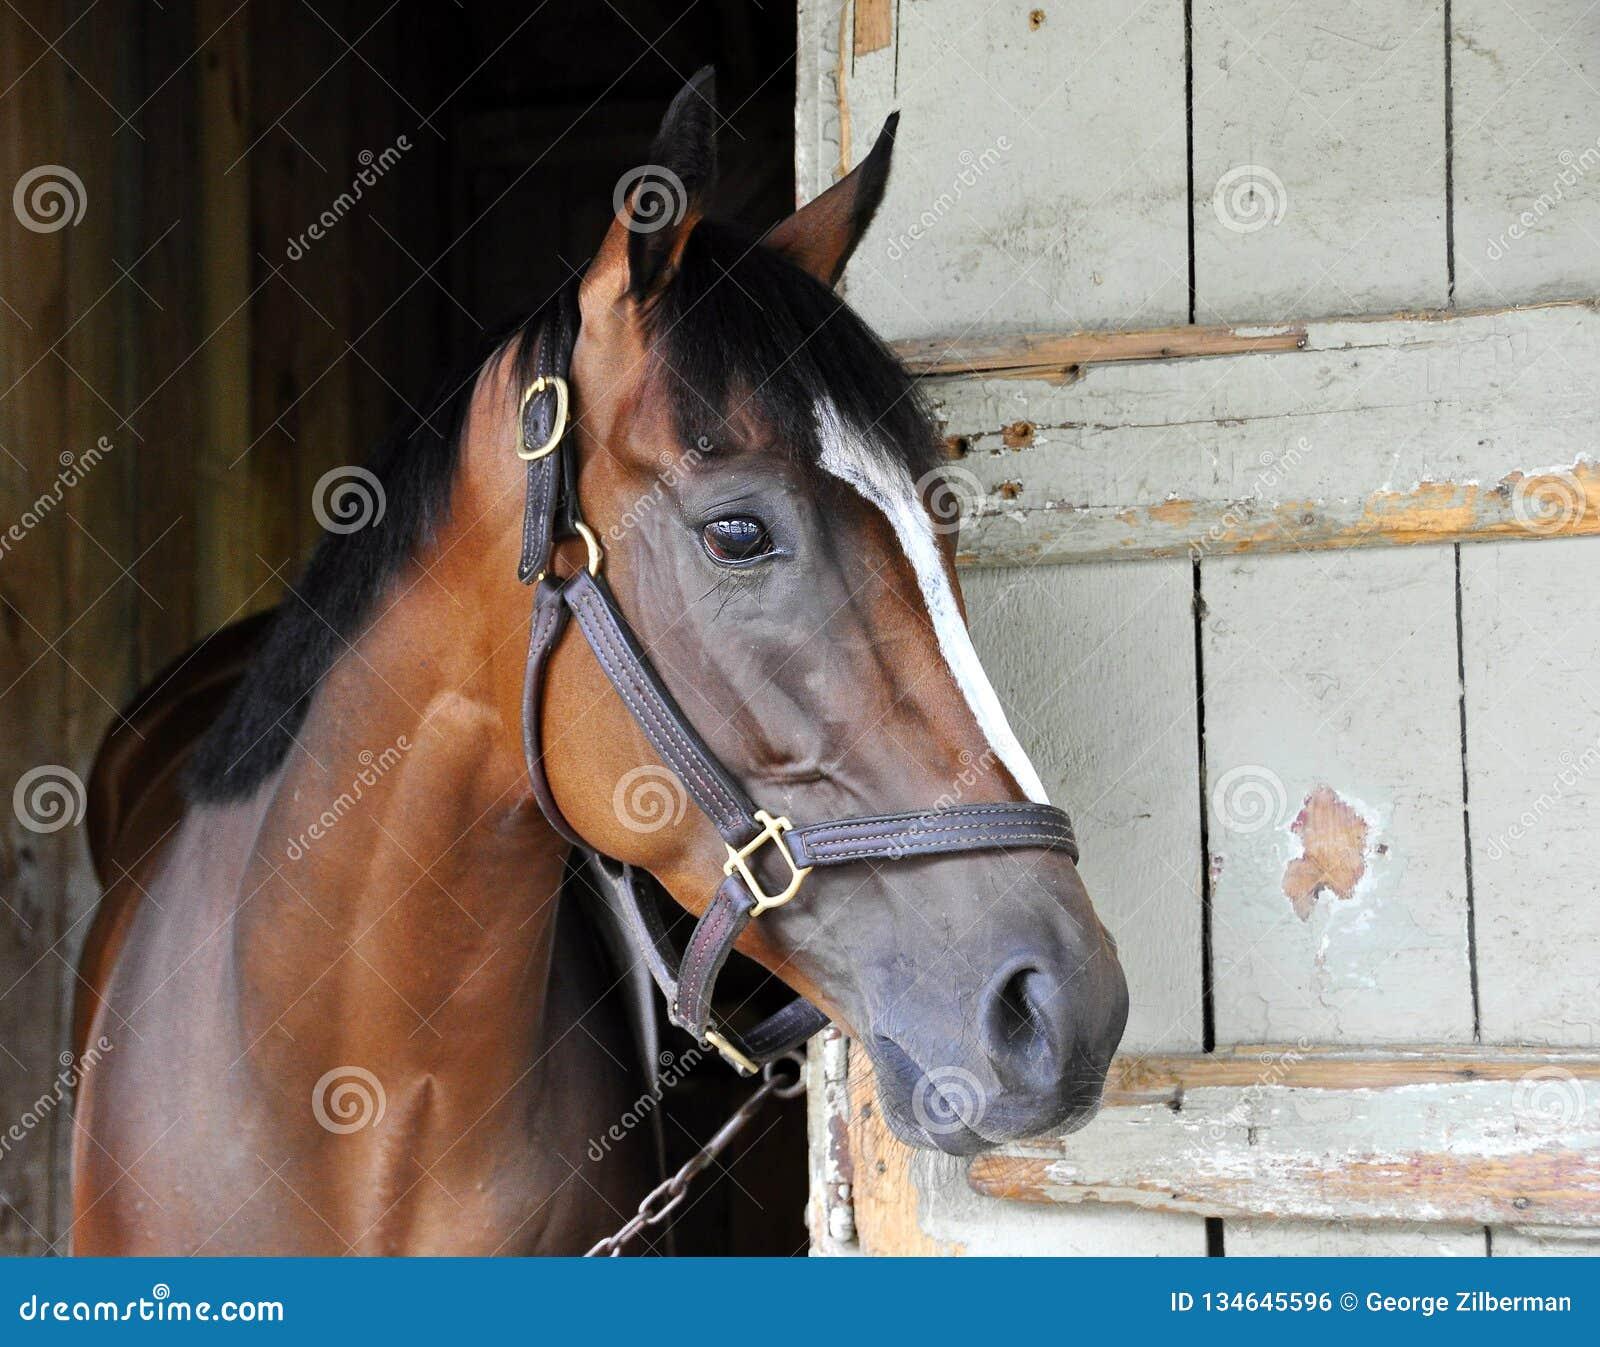 Grandi foto di corsa di cavalli da Fleetphoto